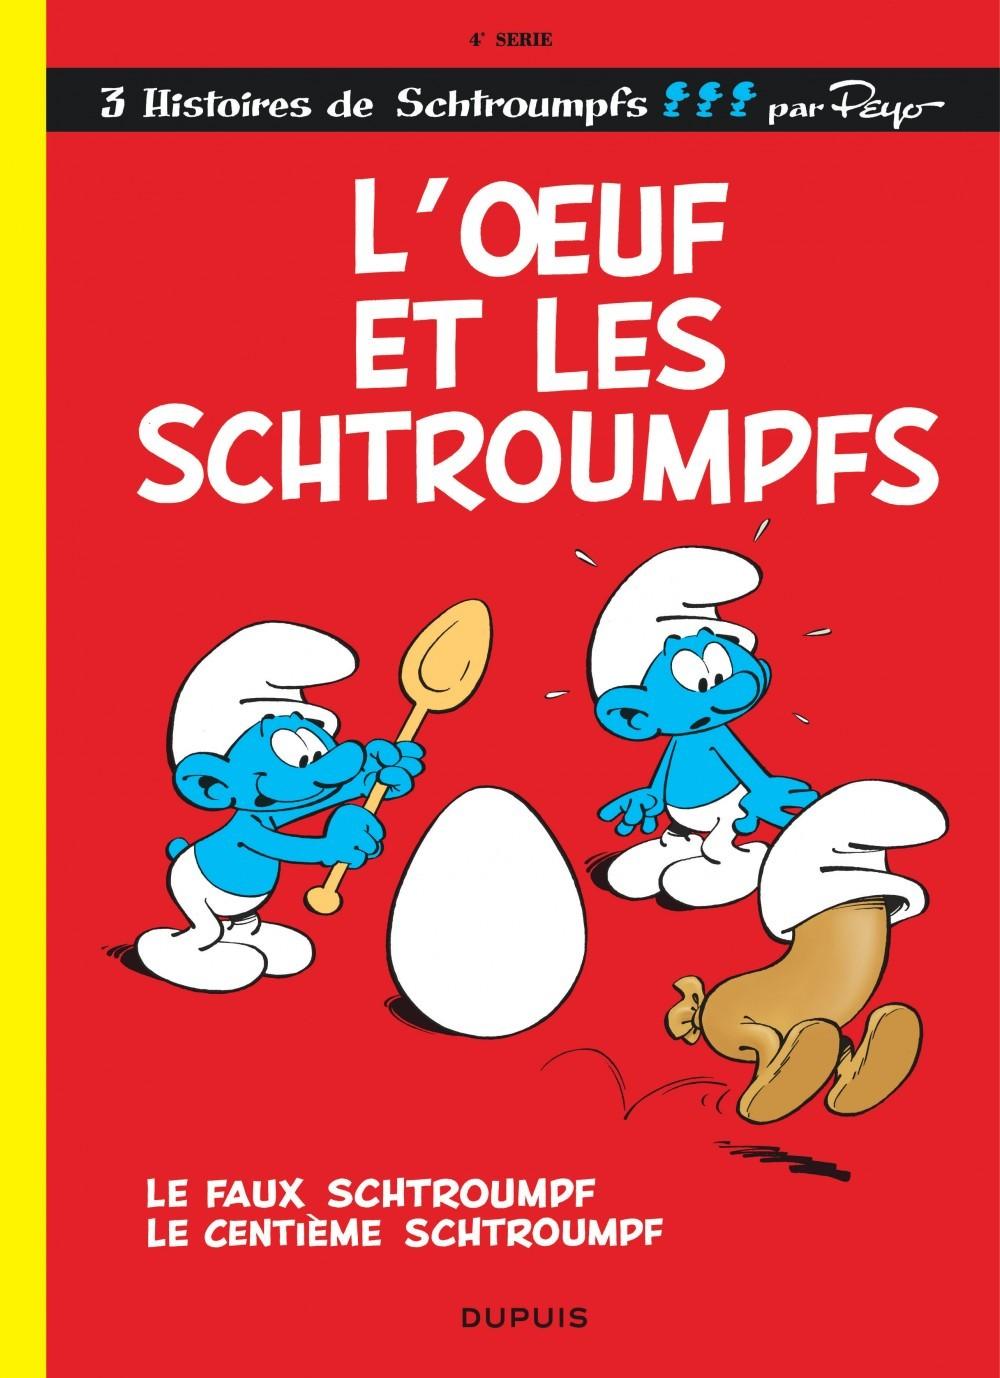 SCHTROUMPFS (DUPUIS) - T4 - L'OEUF ET LES SCHTROUMPFS